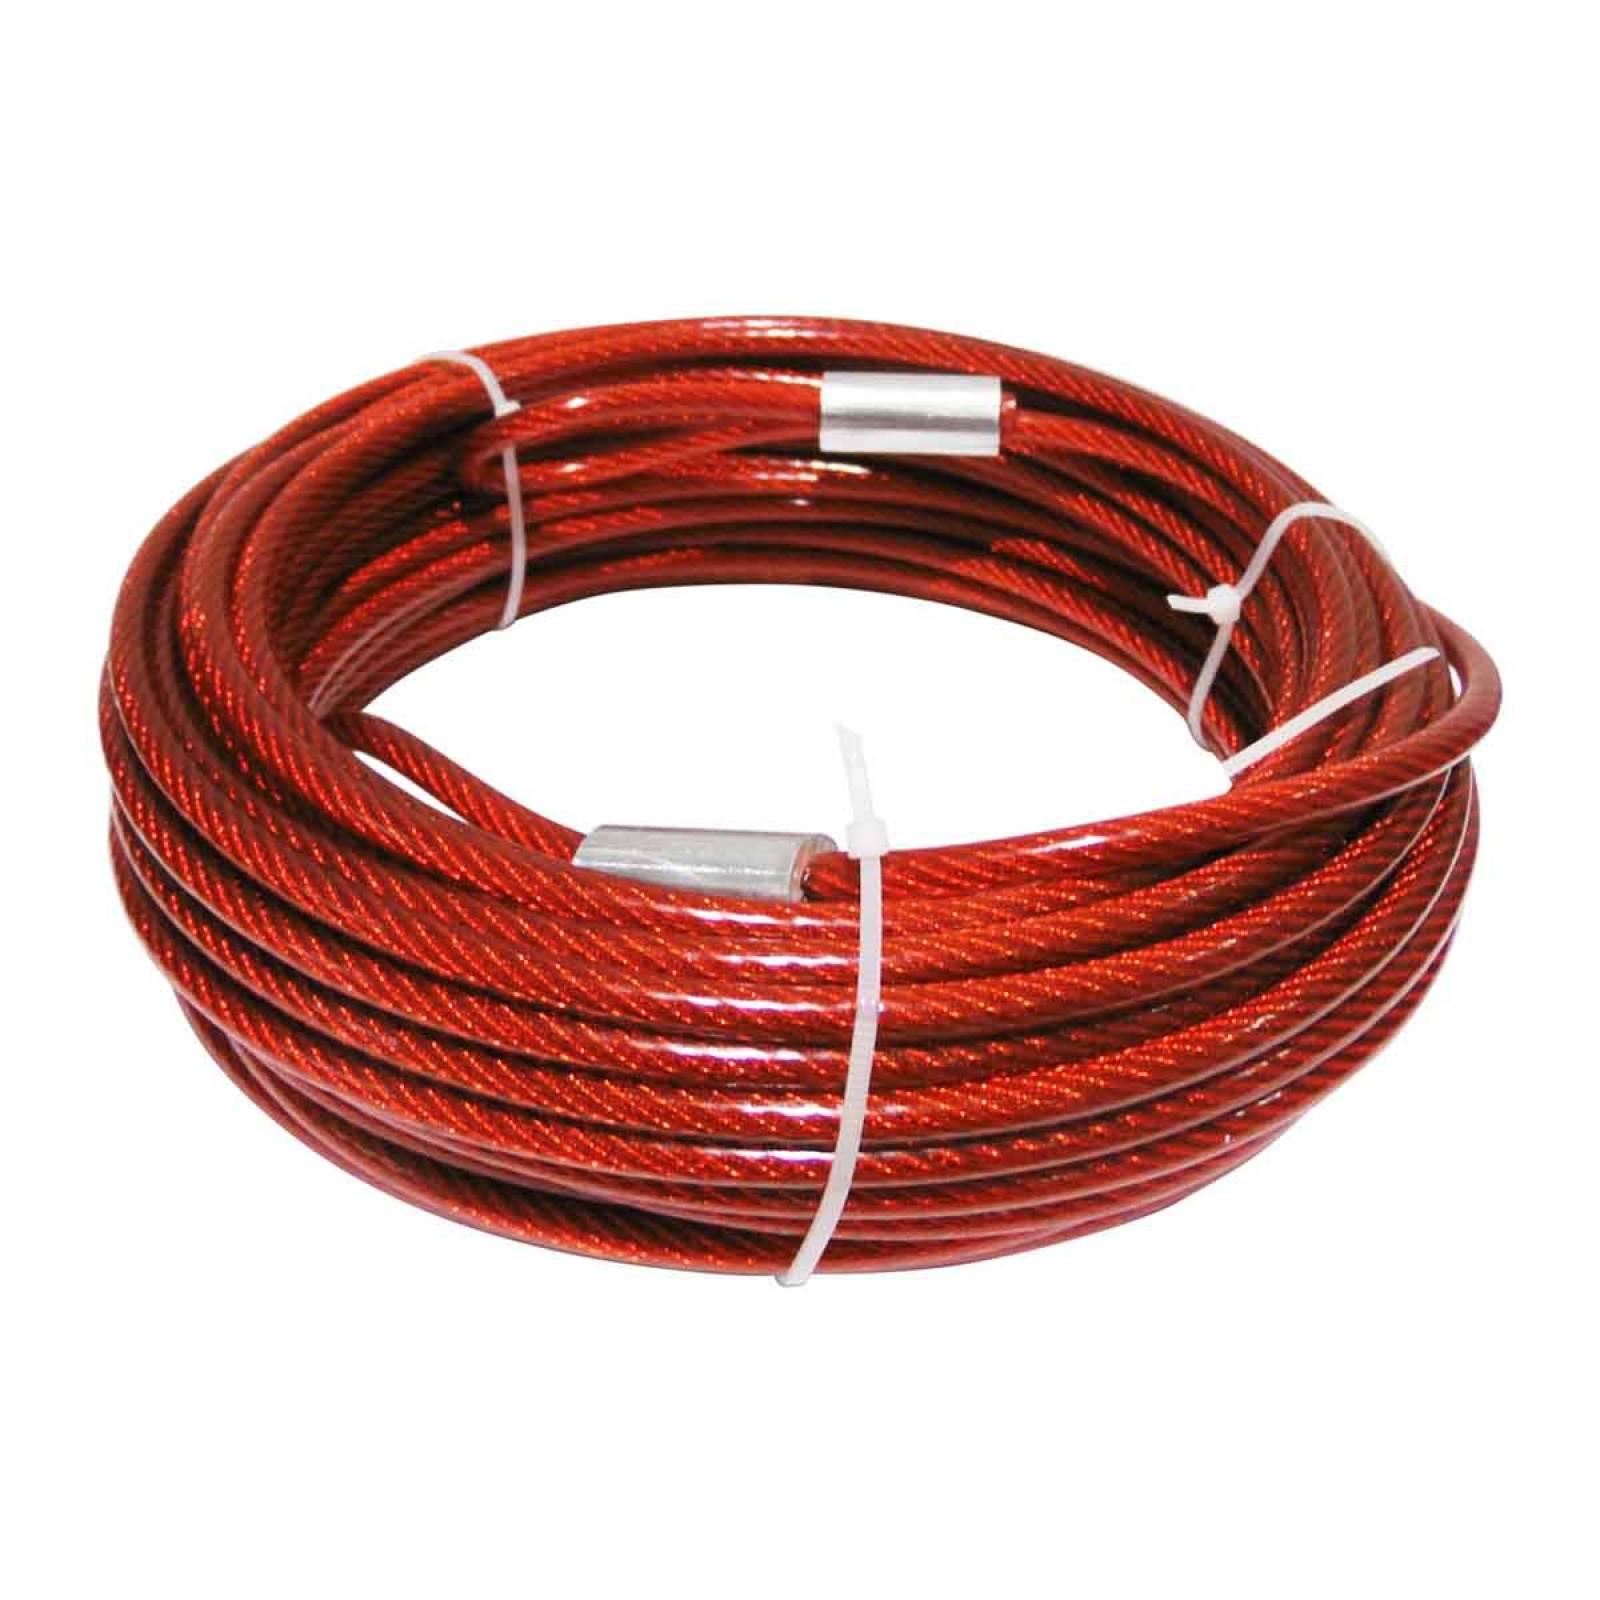 """Cable De Acero Con Pvc Blister 7X7 1/8-3/16"""" 15 M Rojo OBI"""